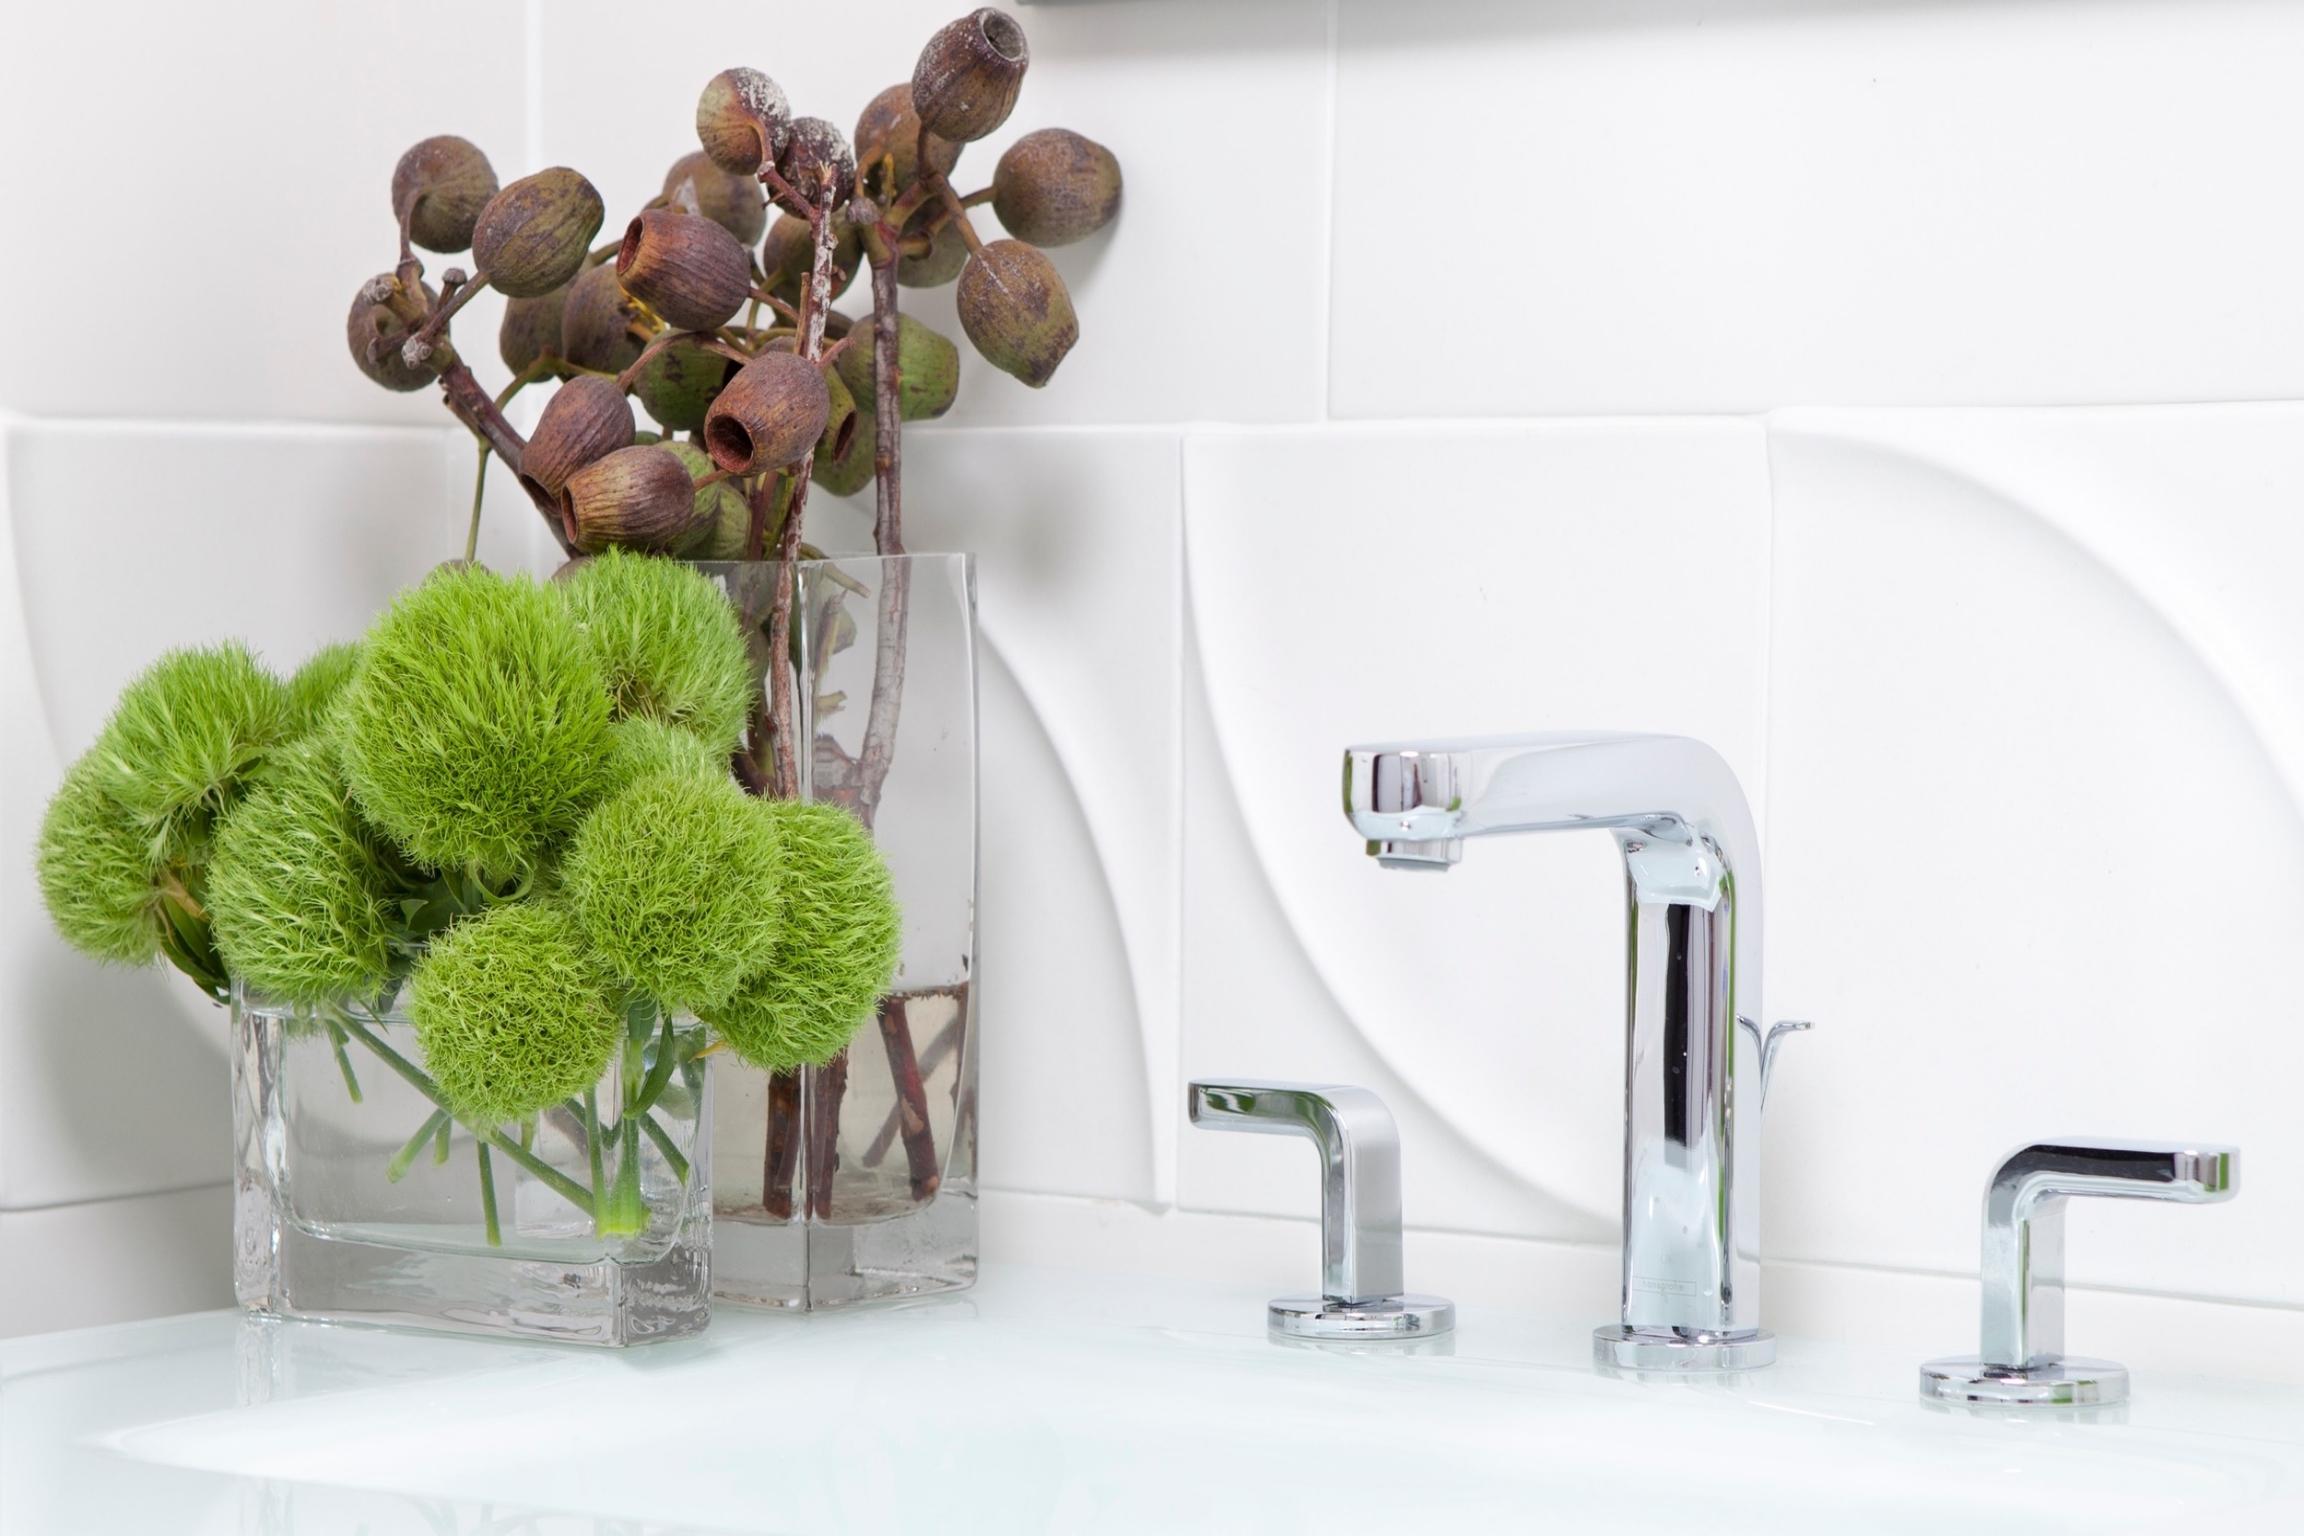 RMH.Sink.Crop.jpg